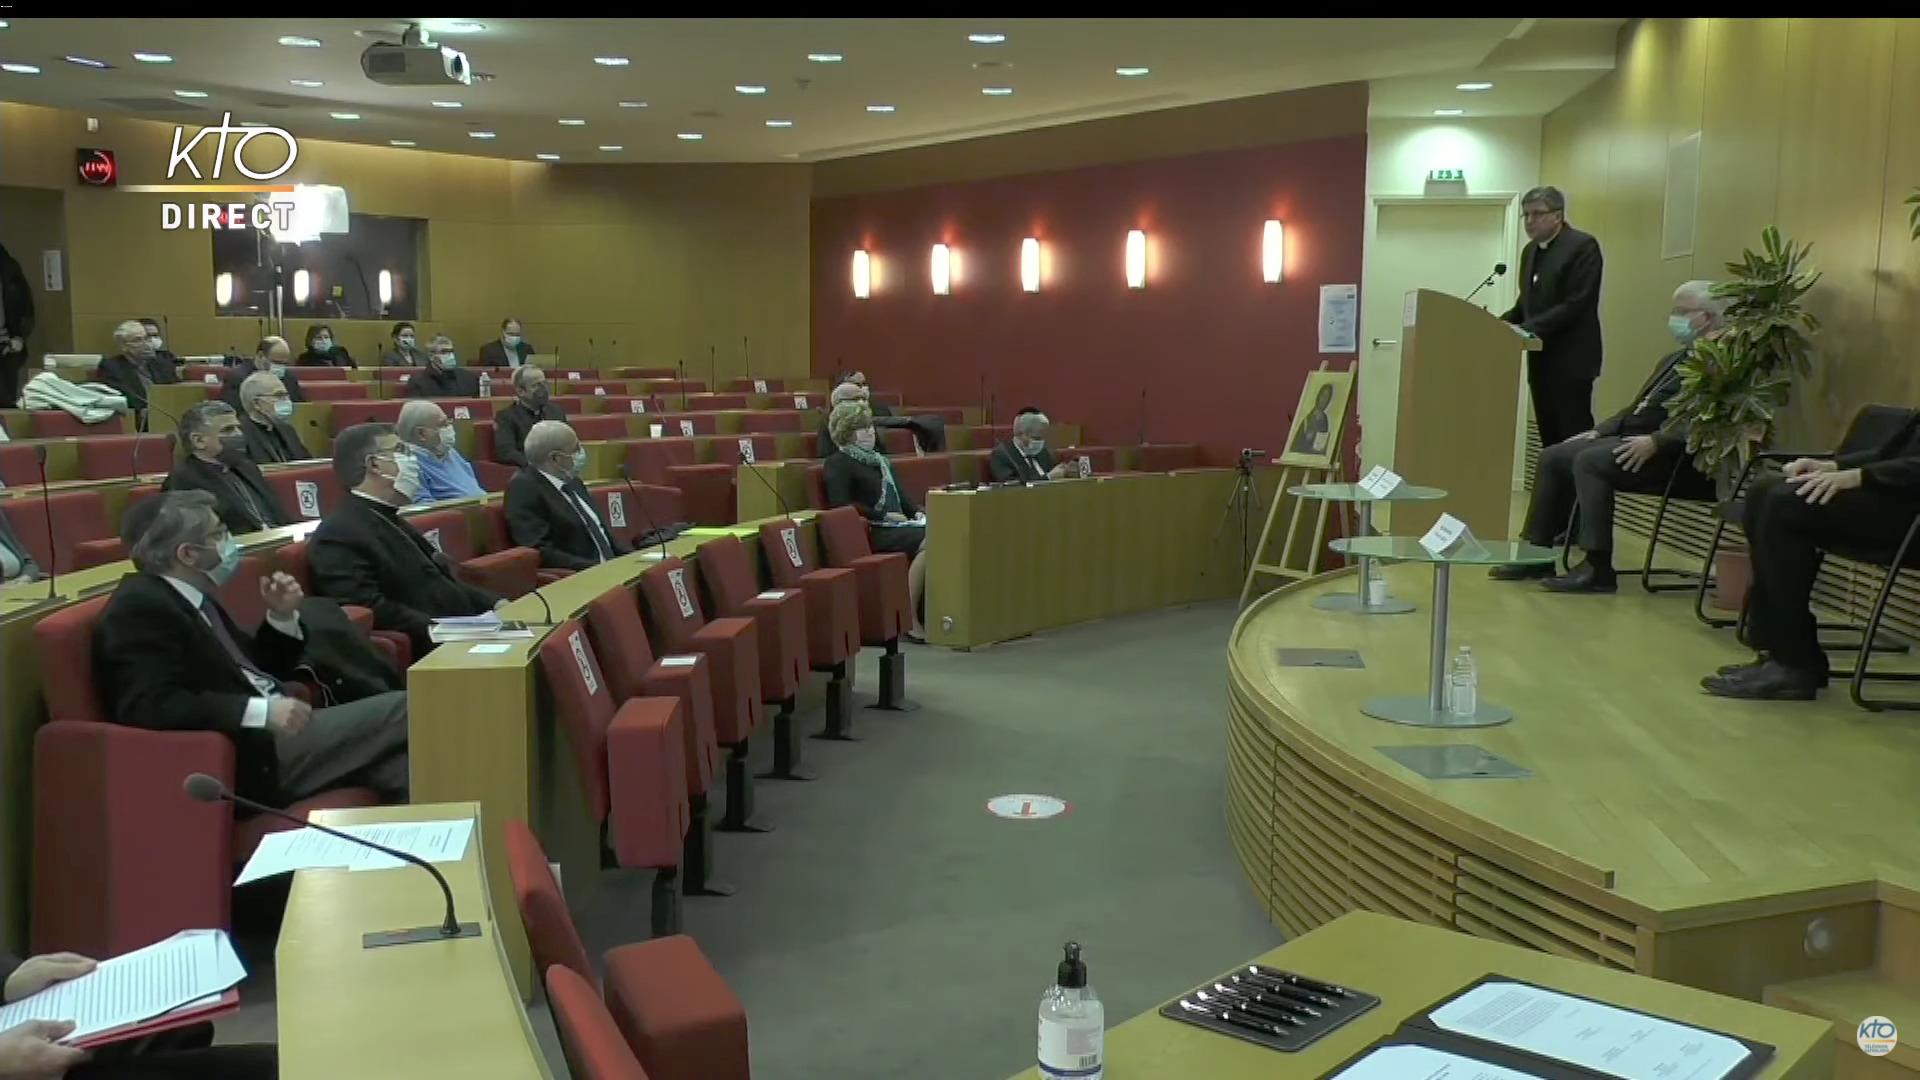 Mgr Eric de Moulins-Beaufort, capture @ KTOTV/YouTube